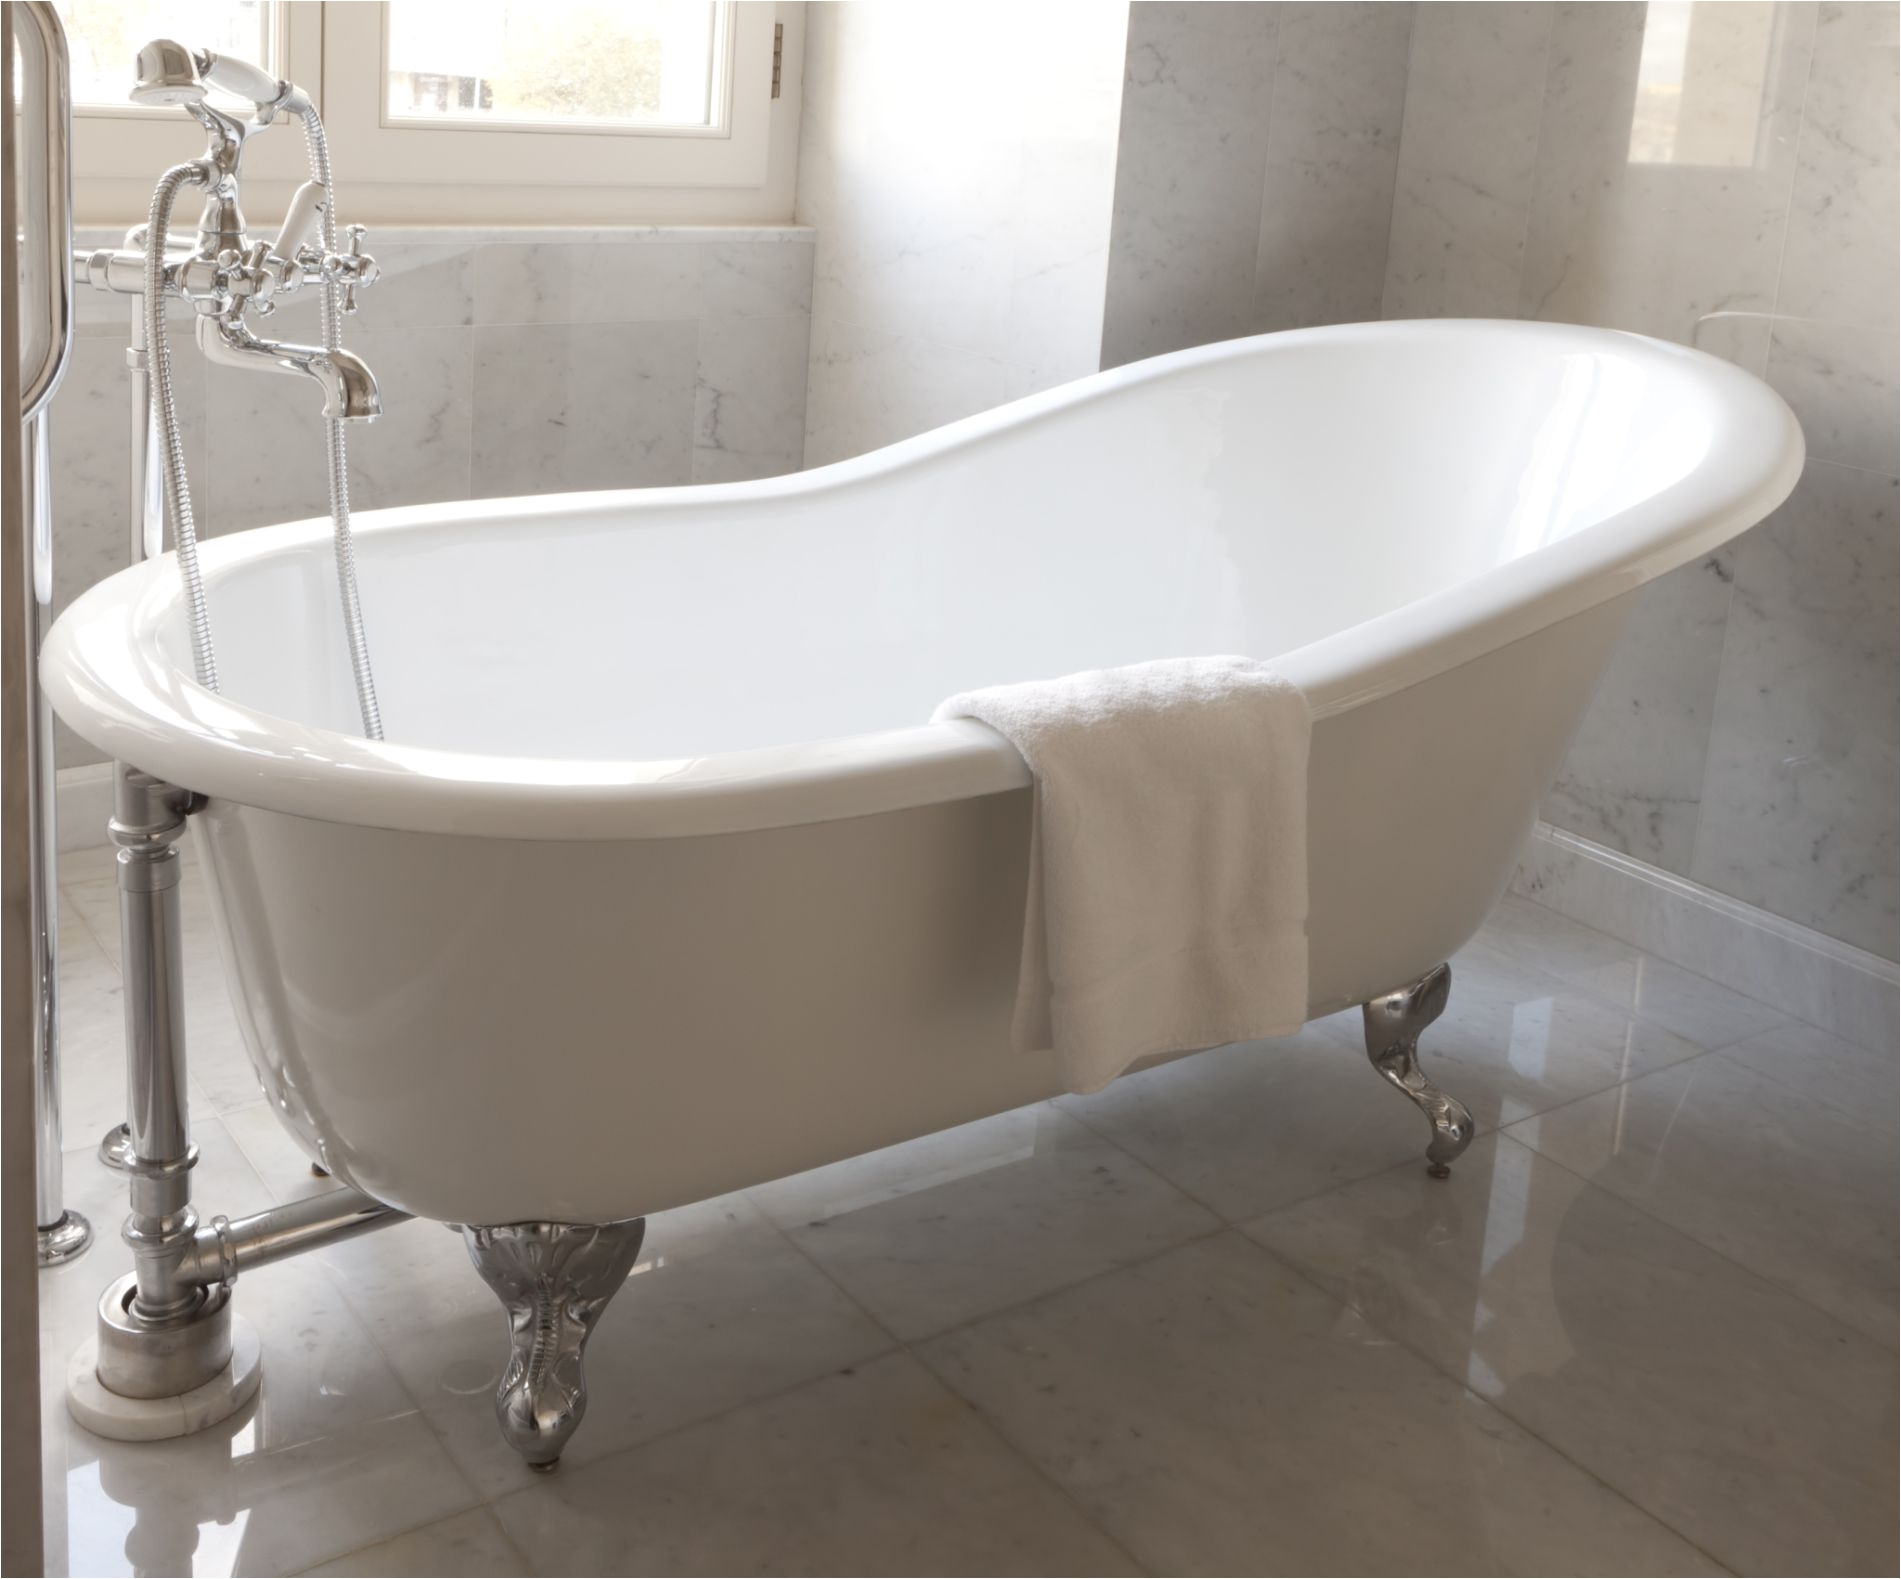 Rustoleum Bathtub Refinishing Kit Bathworks Diy Refinishing Kit